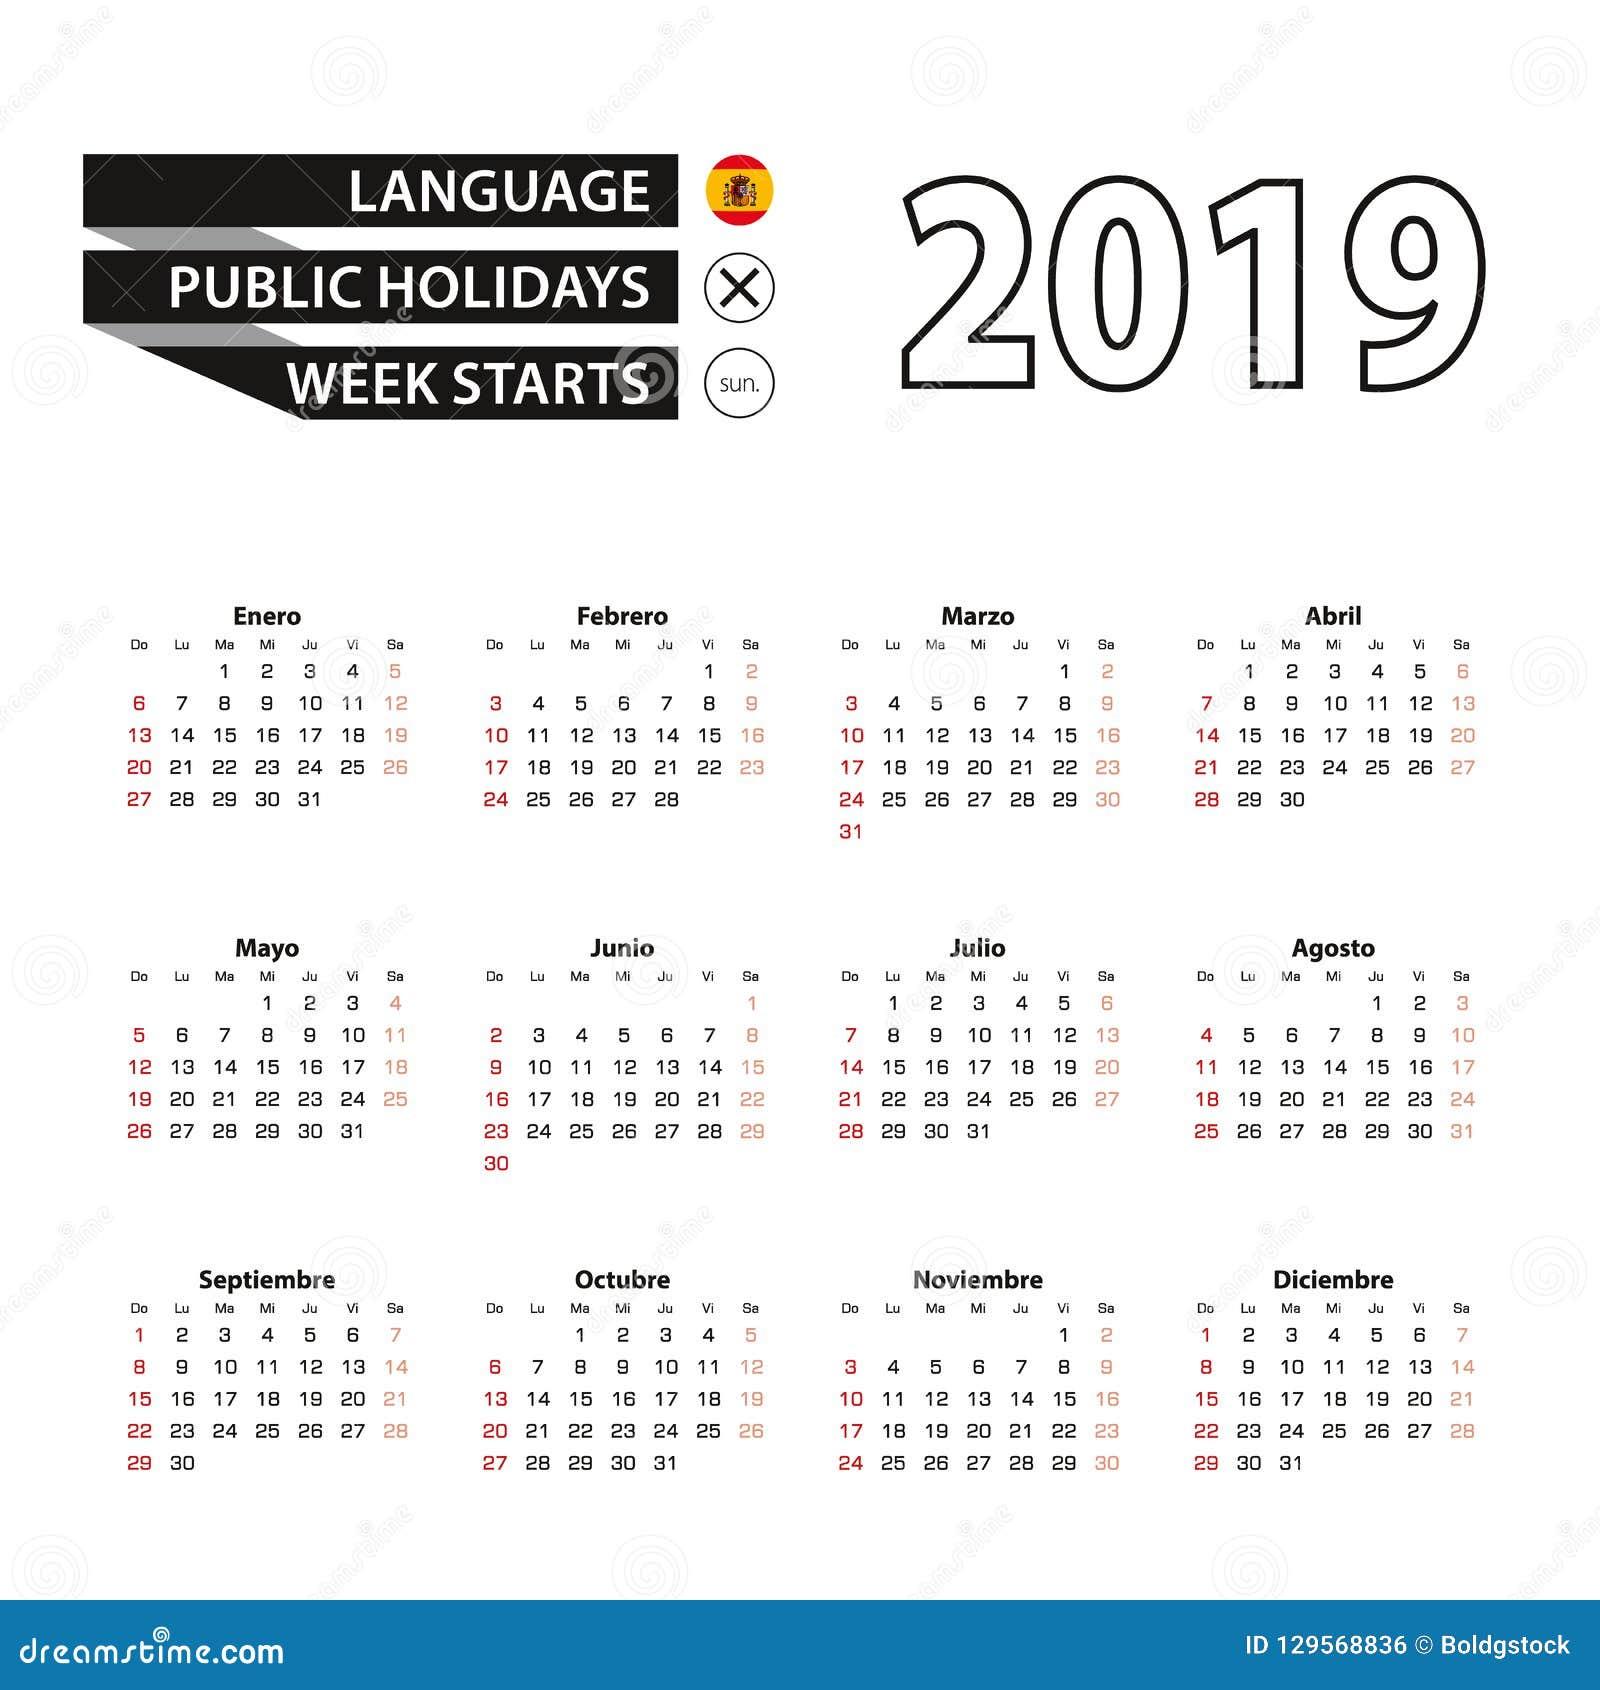 Calendario 2019 Con Numero Di Settimana.Calendario 2019 Nella Lingua Spagnola Inizio Di Settimana A